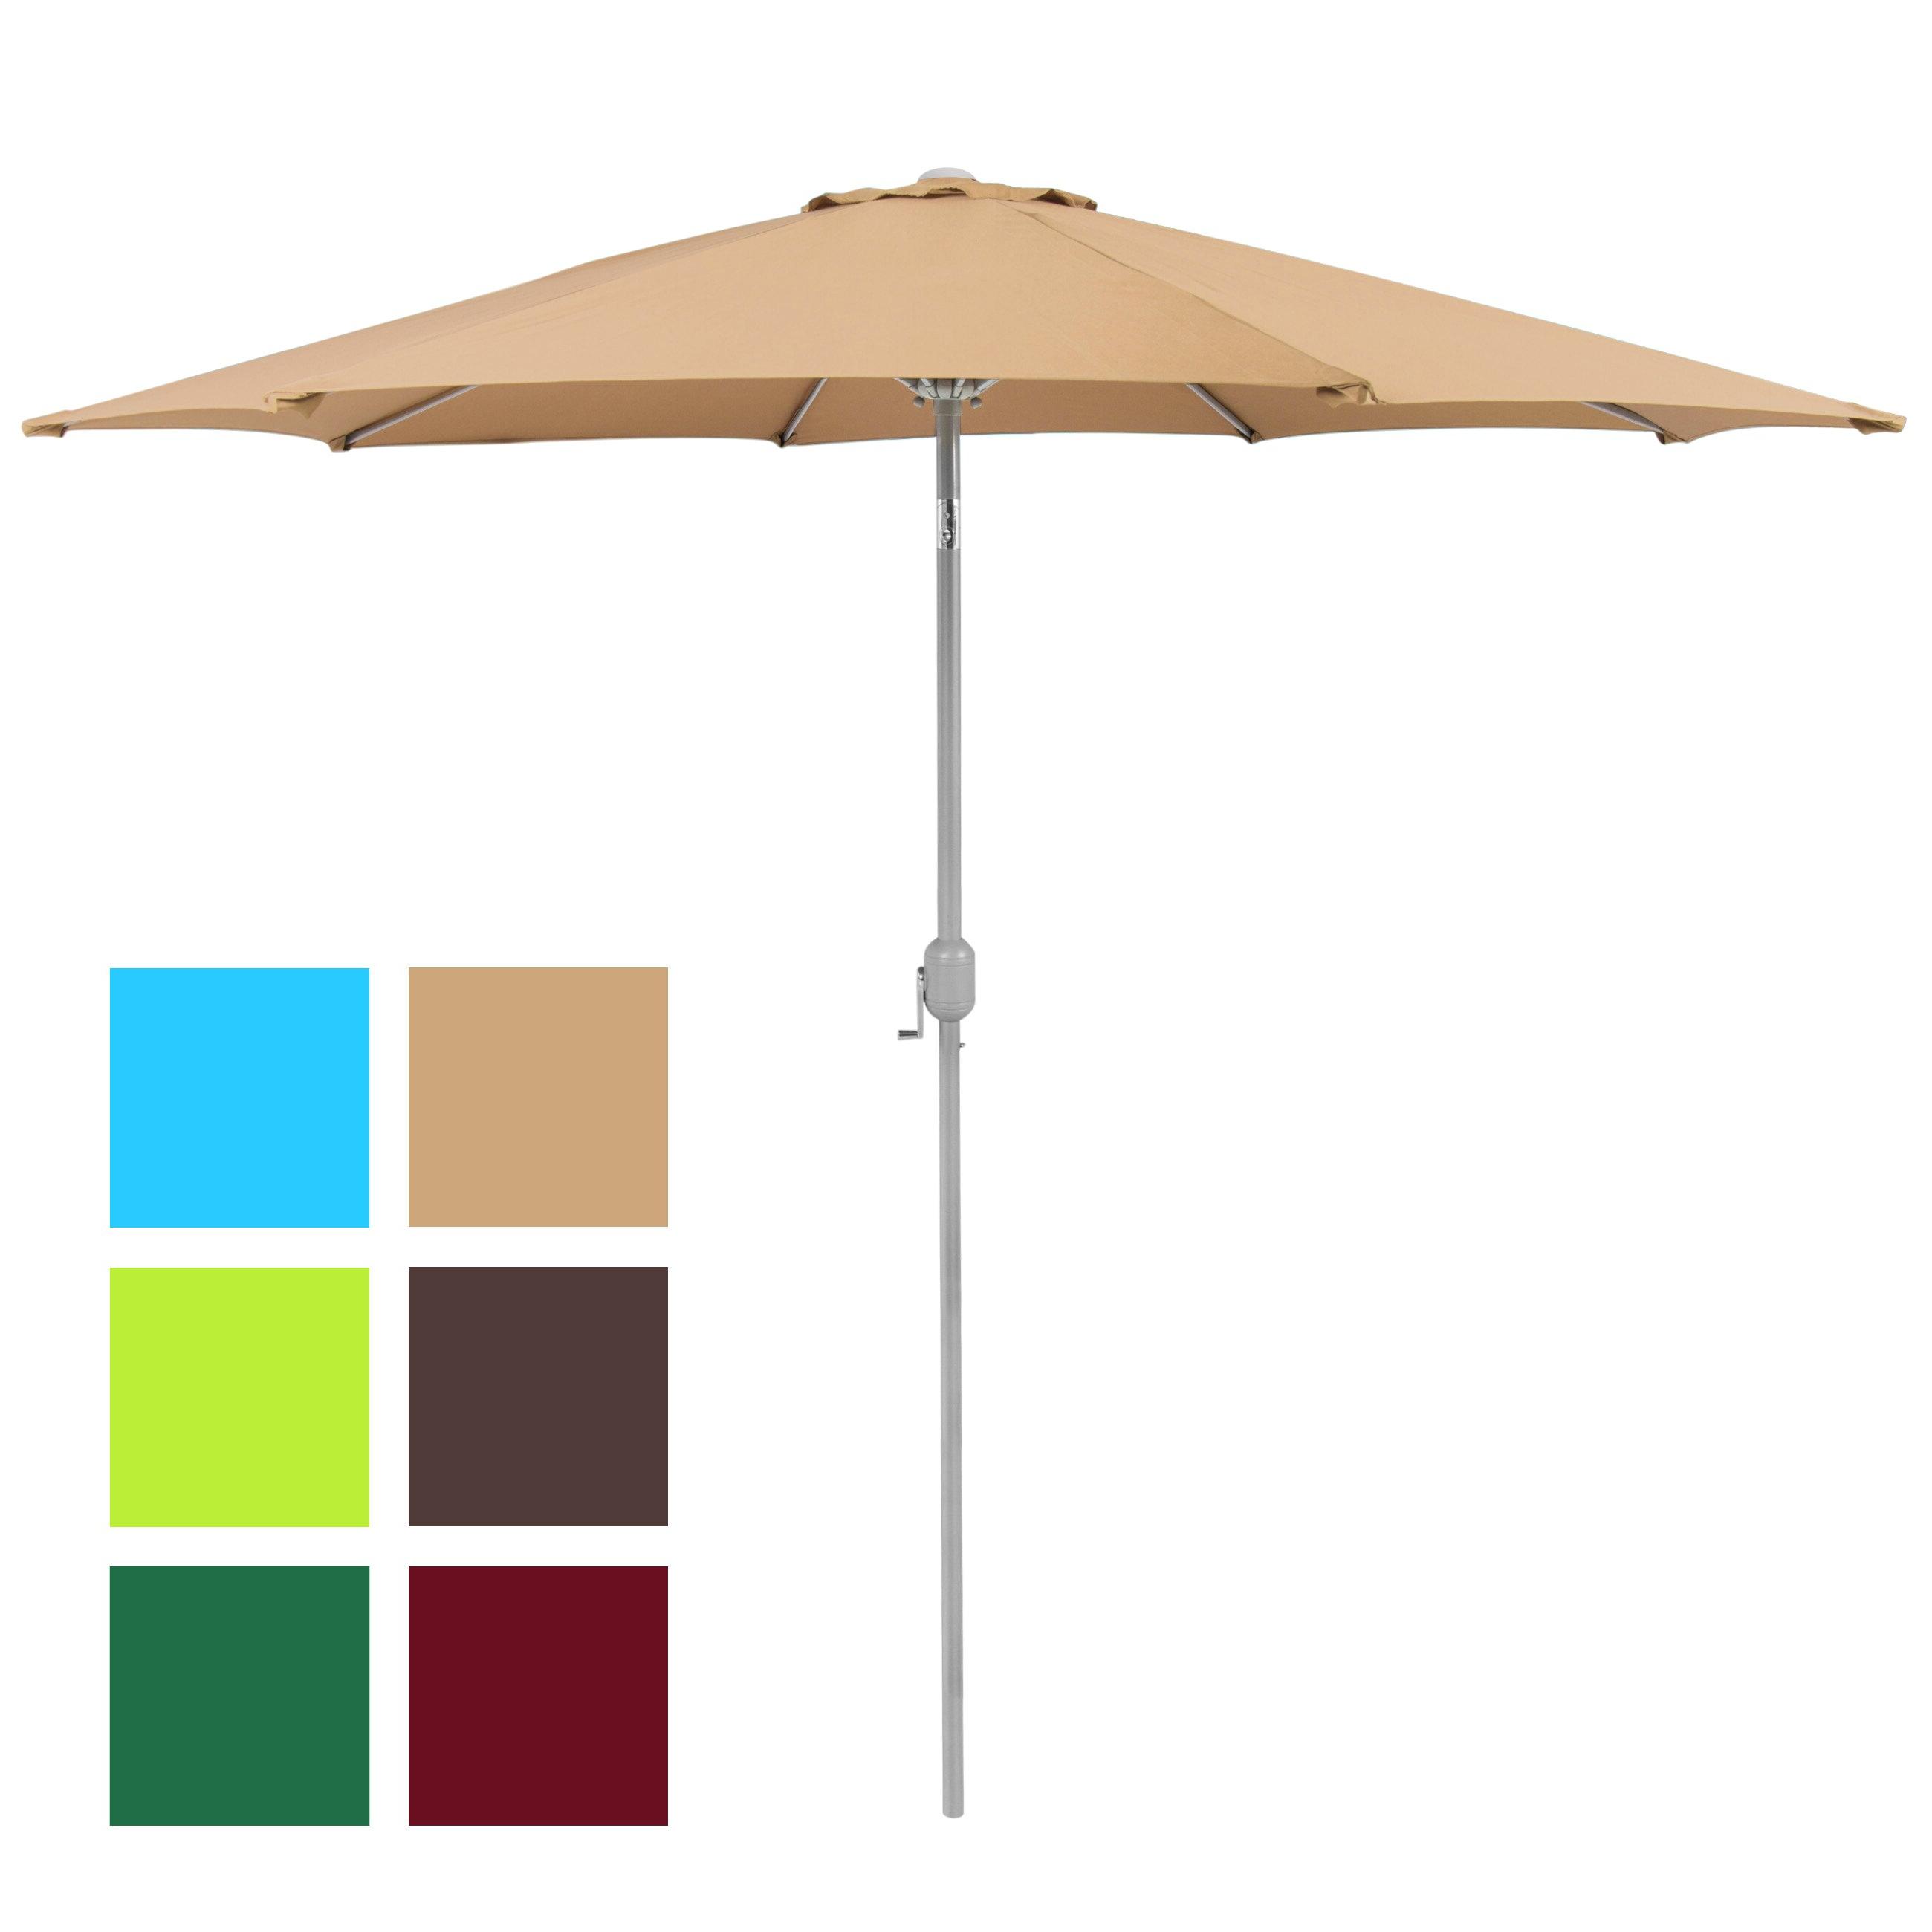 Market Umbrellas Regarding Best And Newest Patio Umbrella 9' Aluminum Patio Market Umbrella Tilt W/ Crank Outdoor Tan (View 8 of 20)